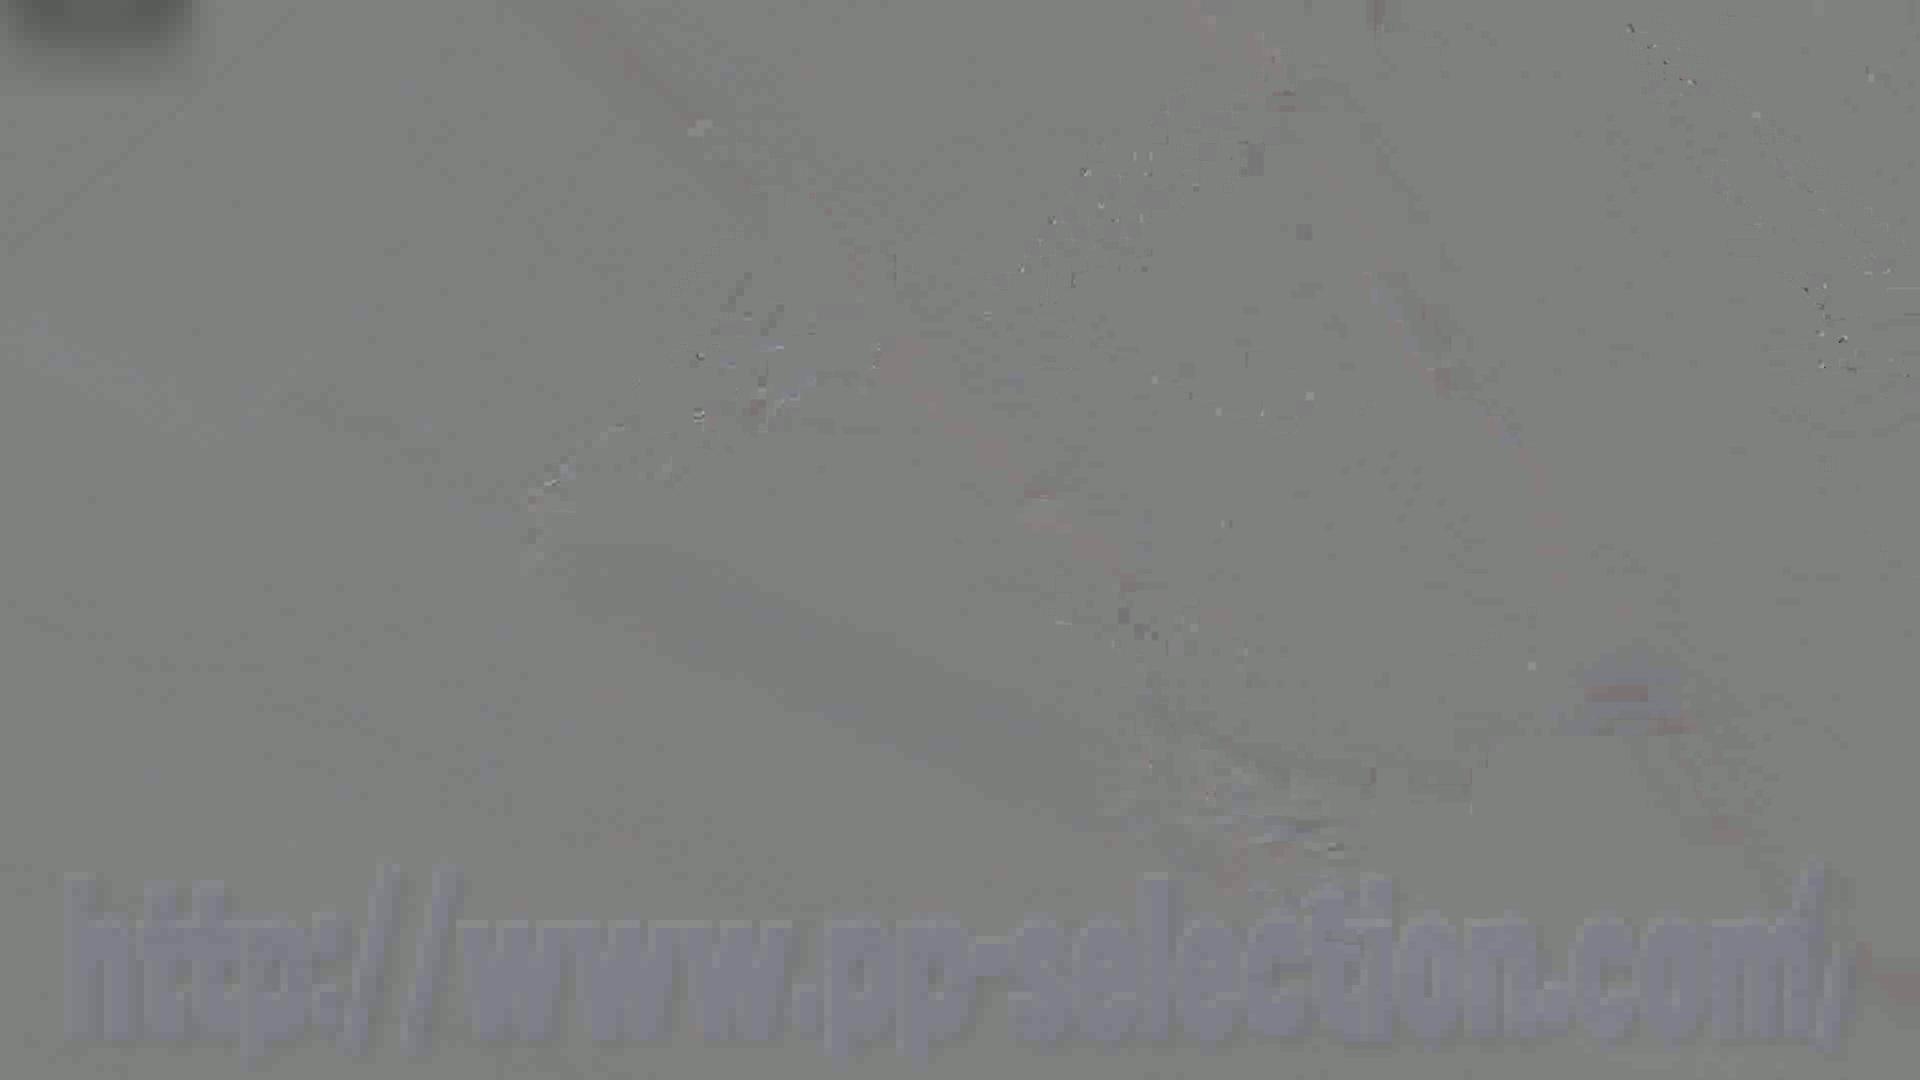 なんだこれVol.09 果敢に外まで追いかける更にアップ聖水まで見える テクニック  87連発 8